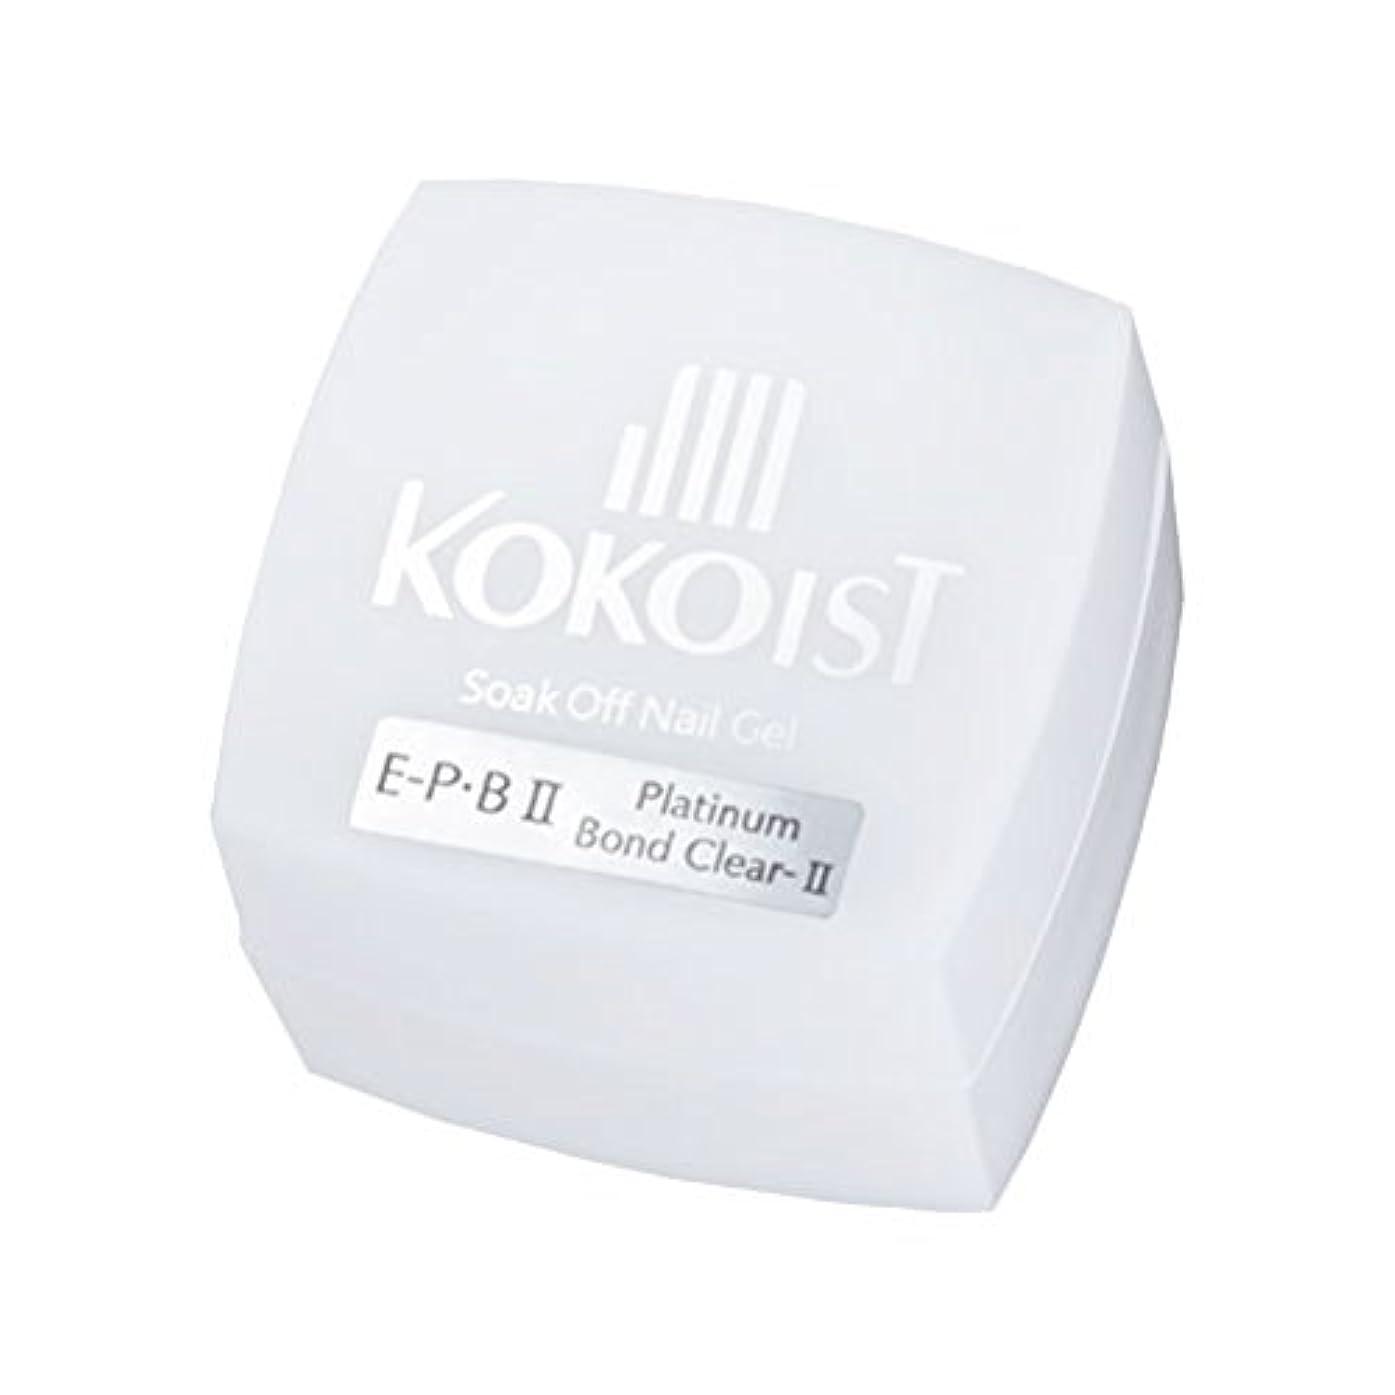 主湖象KOKOIST フ゜ラチナホ゛ント゛II 4g ジェル UV/LED対応